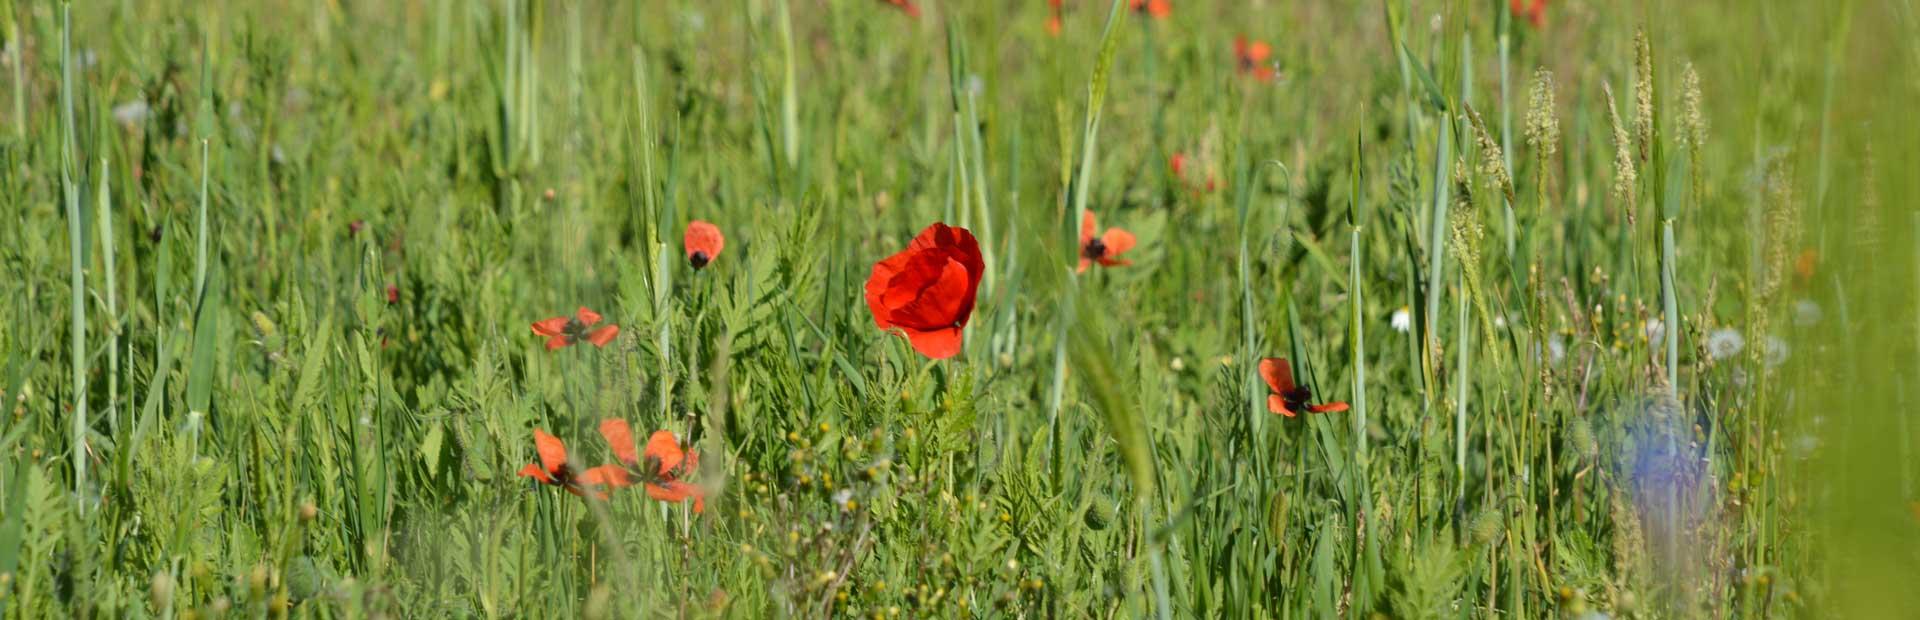 Eine sanftig grüne Blumenwiese wird von der Sonne angestrahlt. Im Fokus des Bildes sind viele Mohnblumen zu sehen.